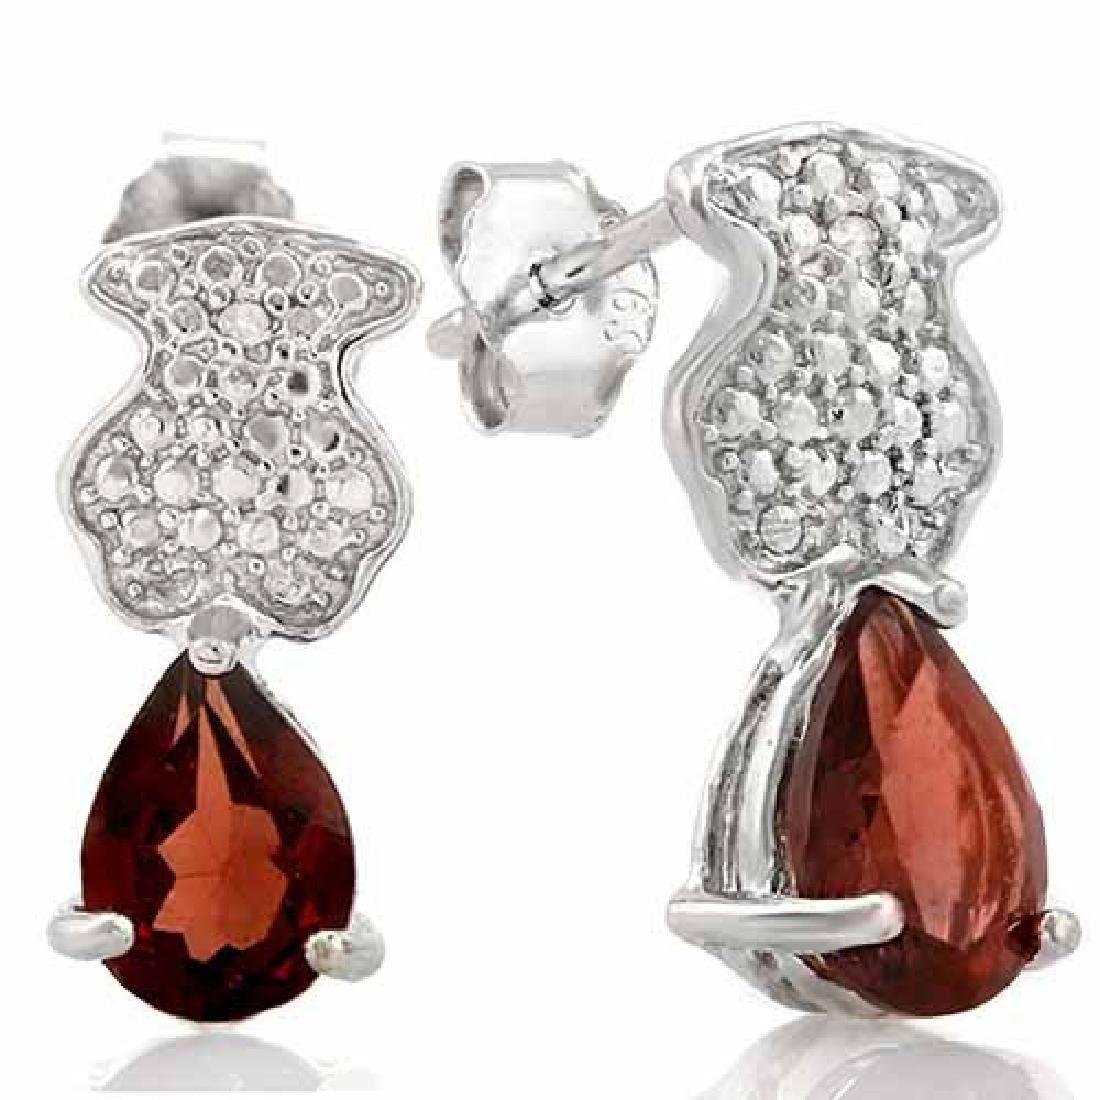 1 2/5 CARAT GARNET & DIAMOND 925 STERLING SILVER EARRIN